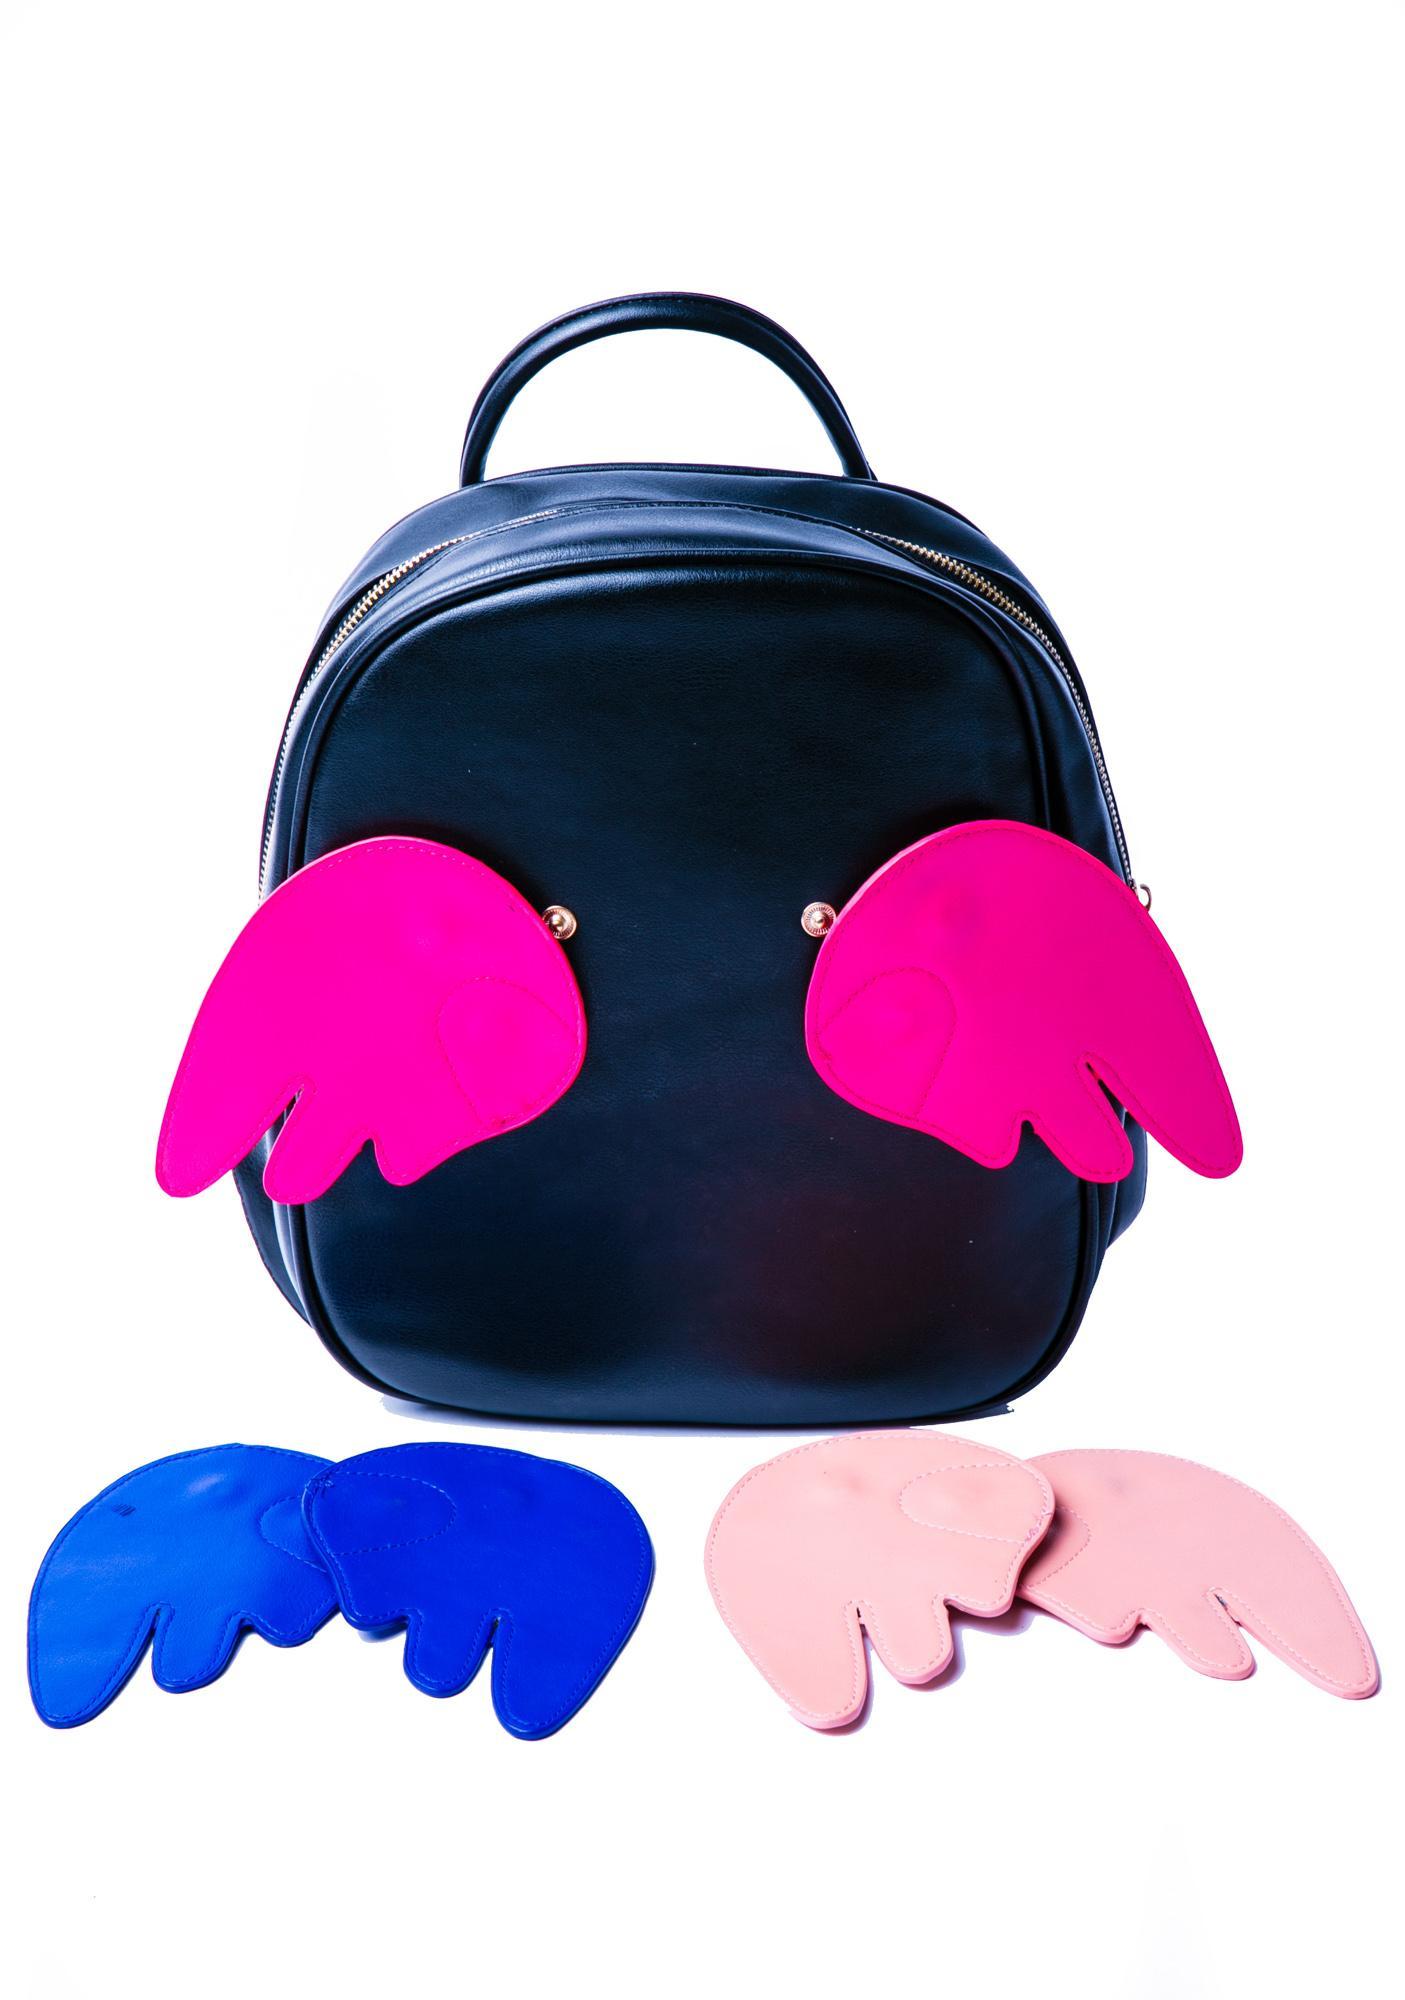 New Set Of Wings Bag